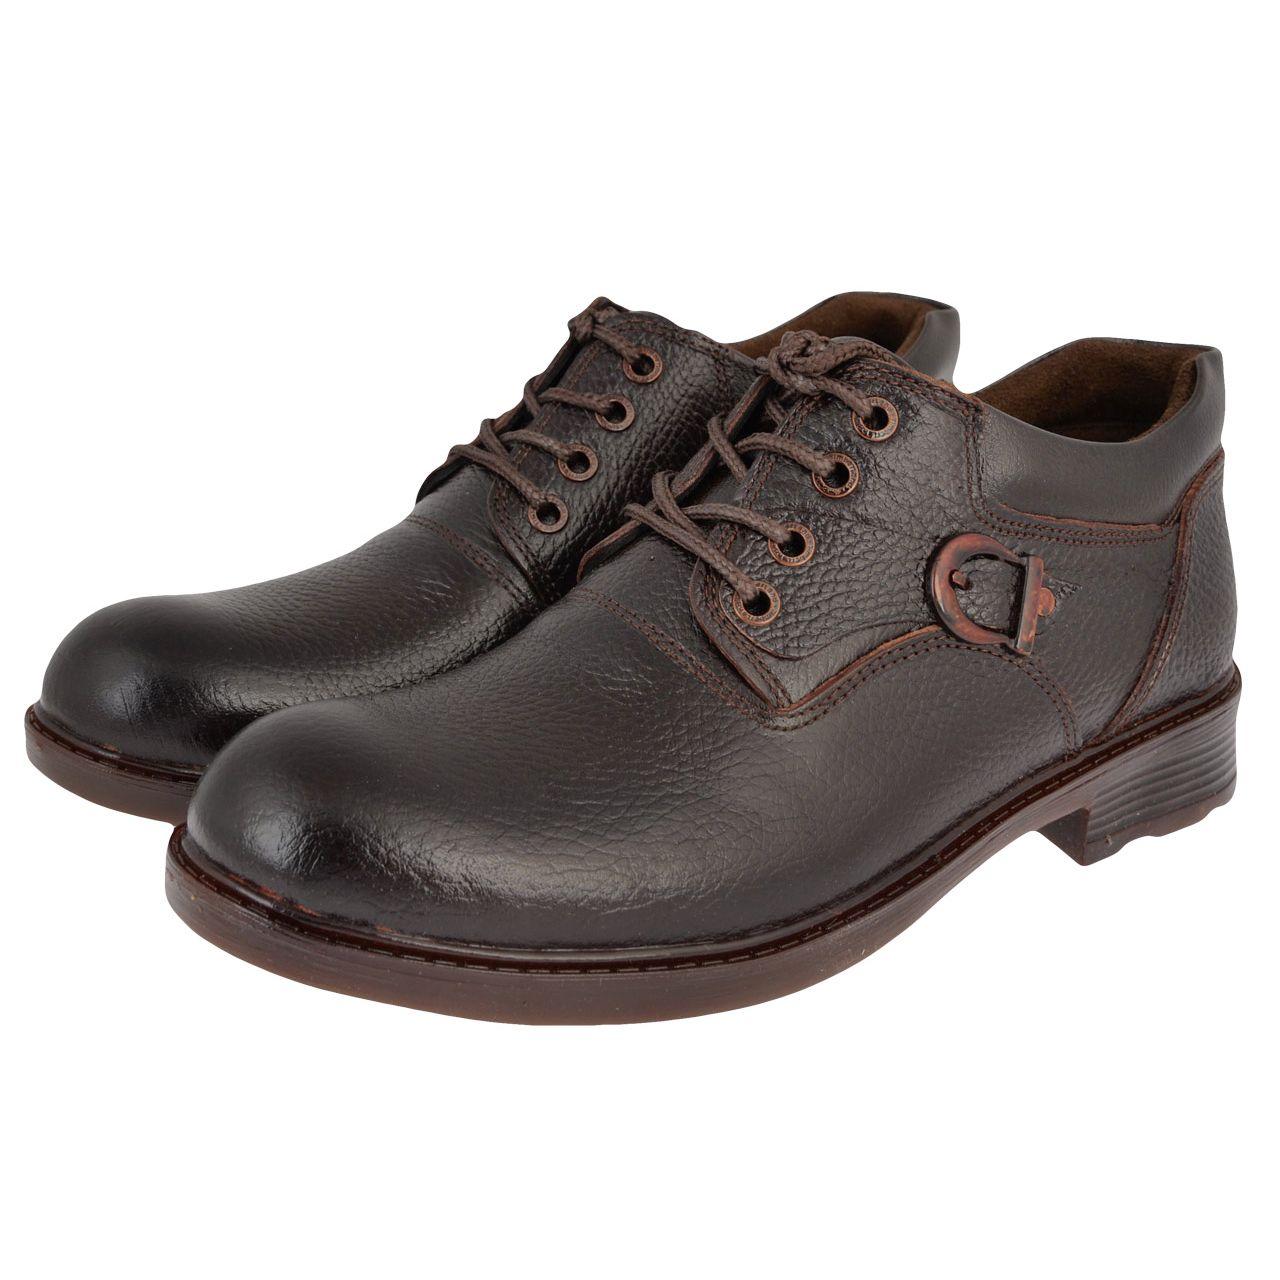 کفش مردانه کد 324001708 -  - 5